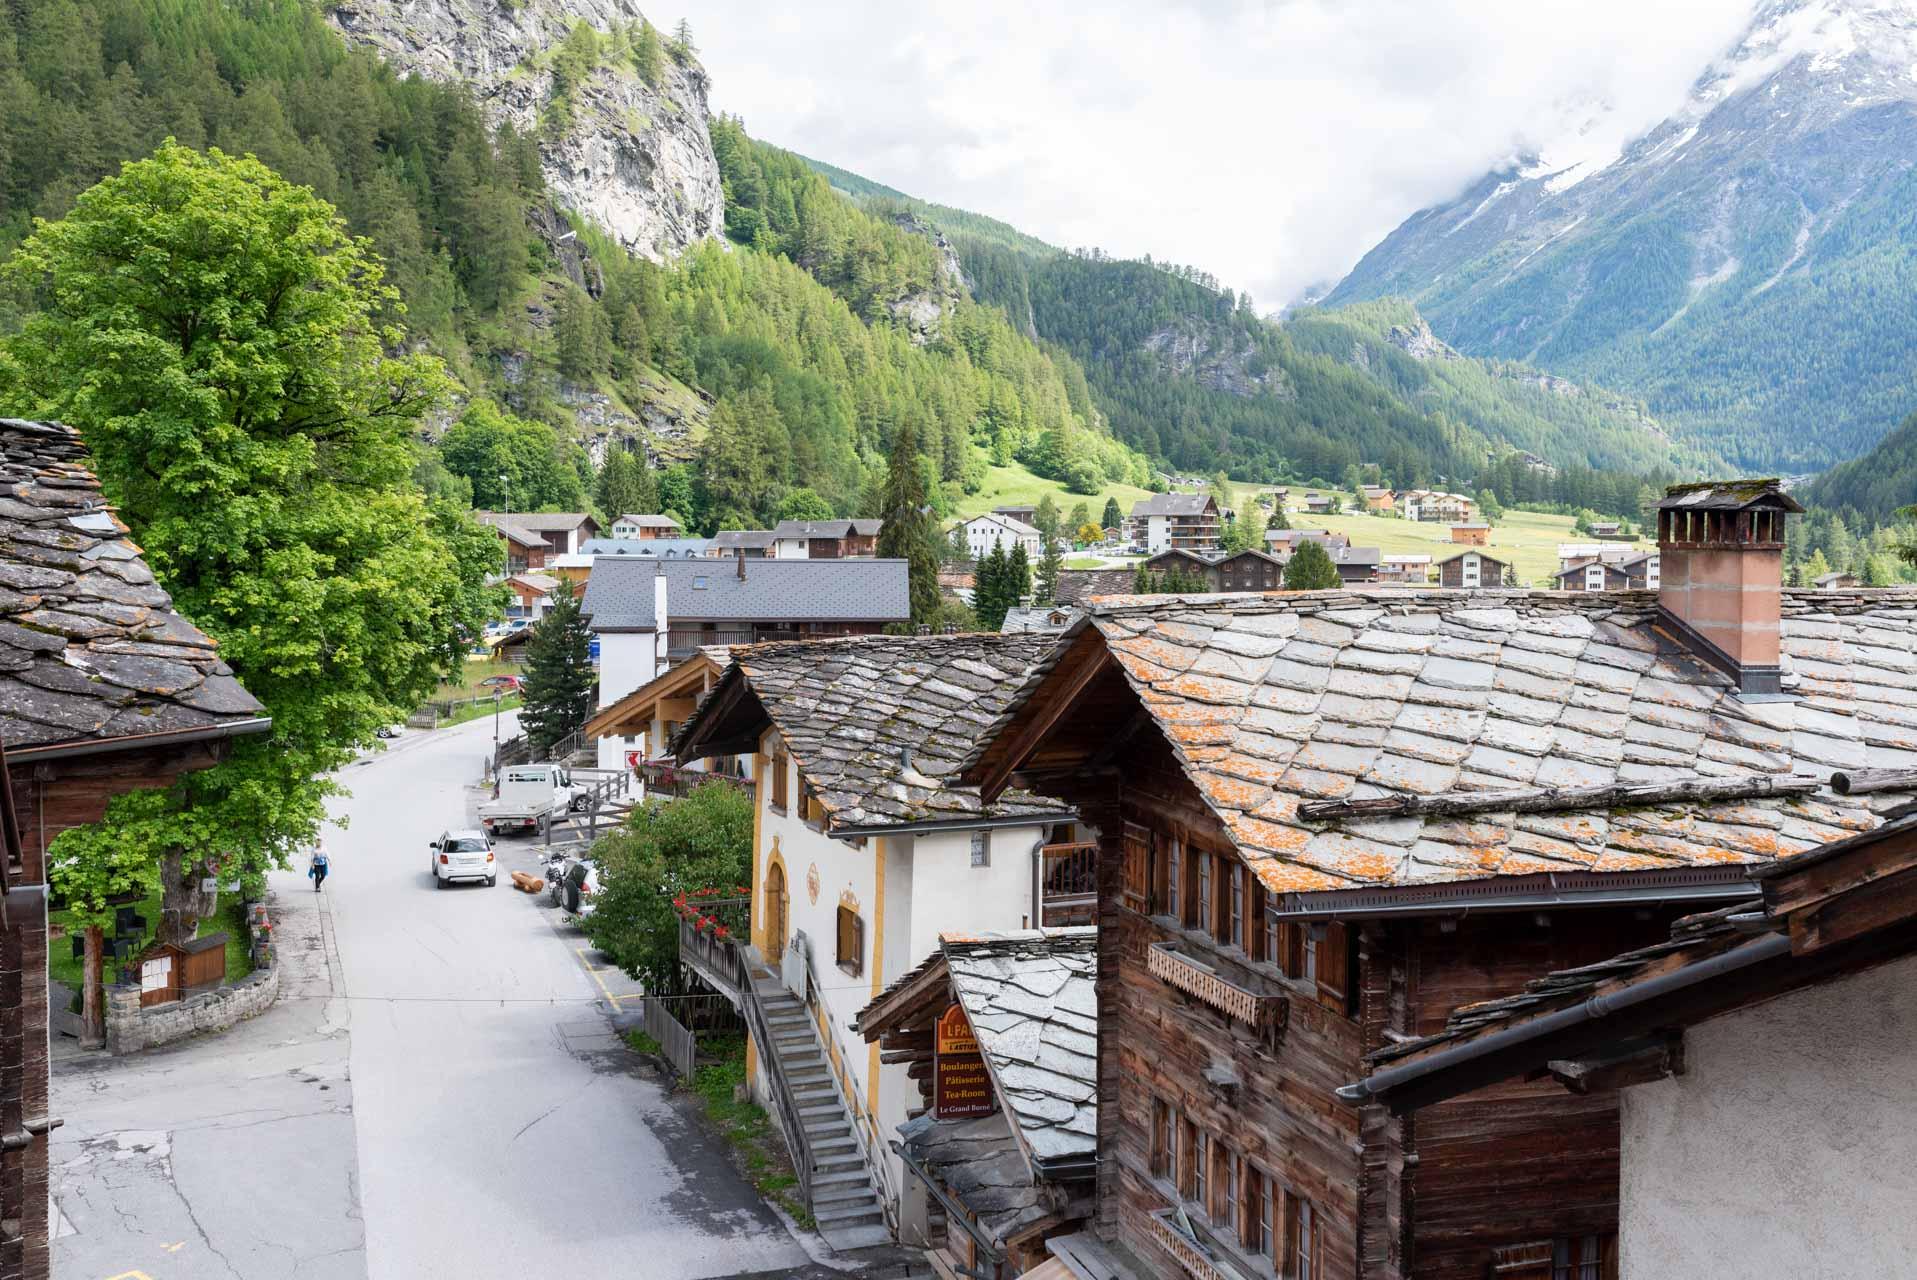 Les plus beaux villages de Suisse romande - Evolène (Valais)